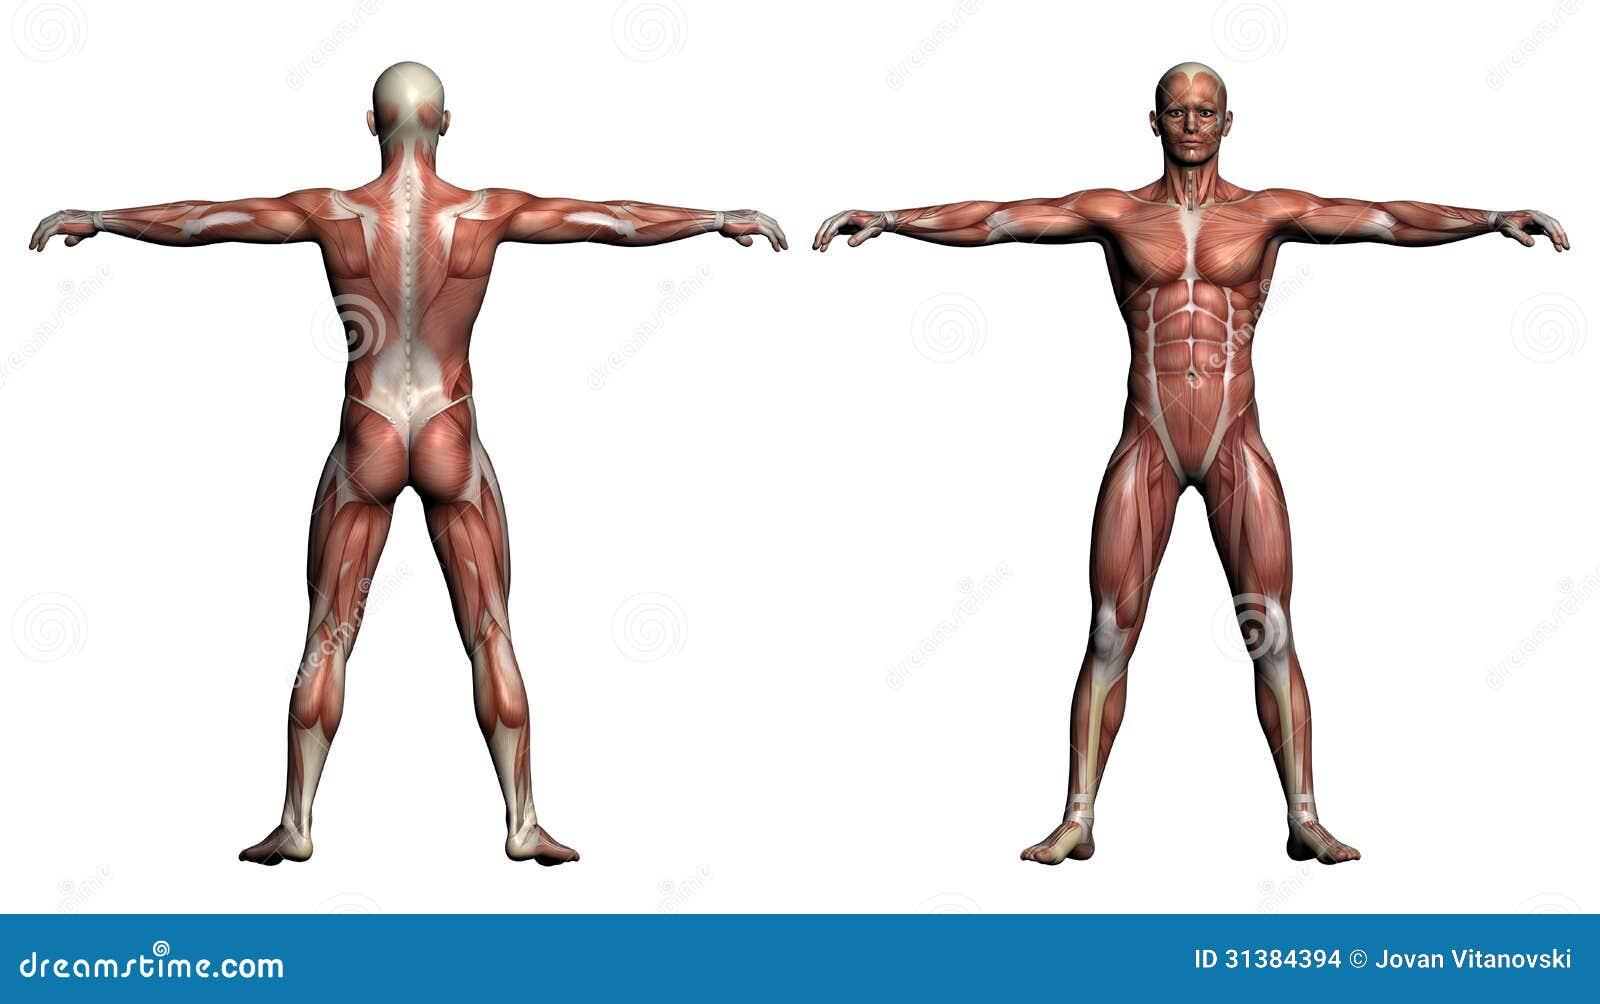 Anatomie Menschliche Muskeln Stock Illustrationen, Vektors ...